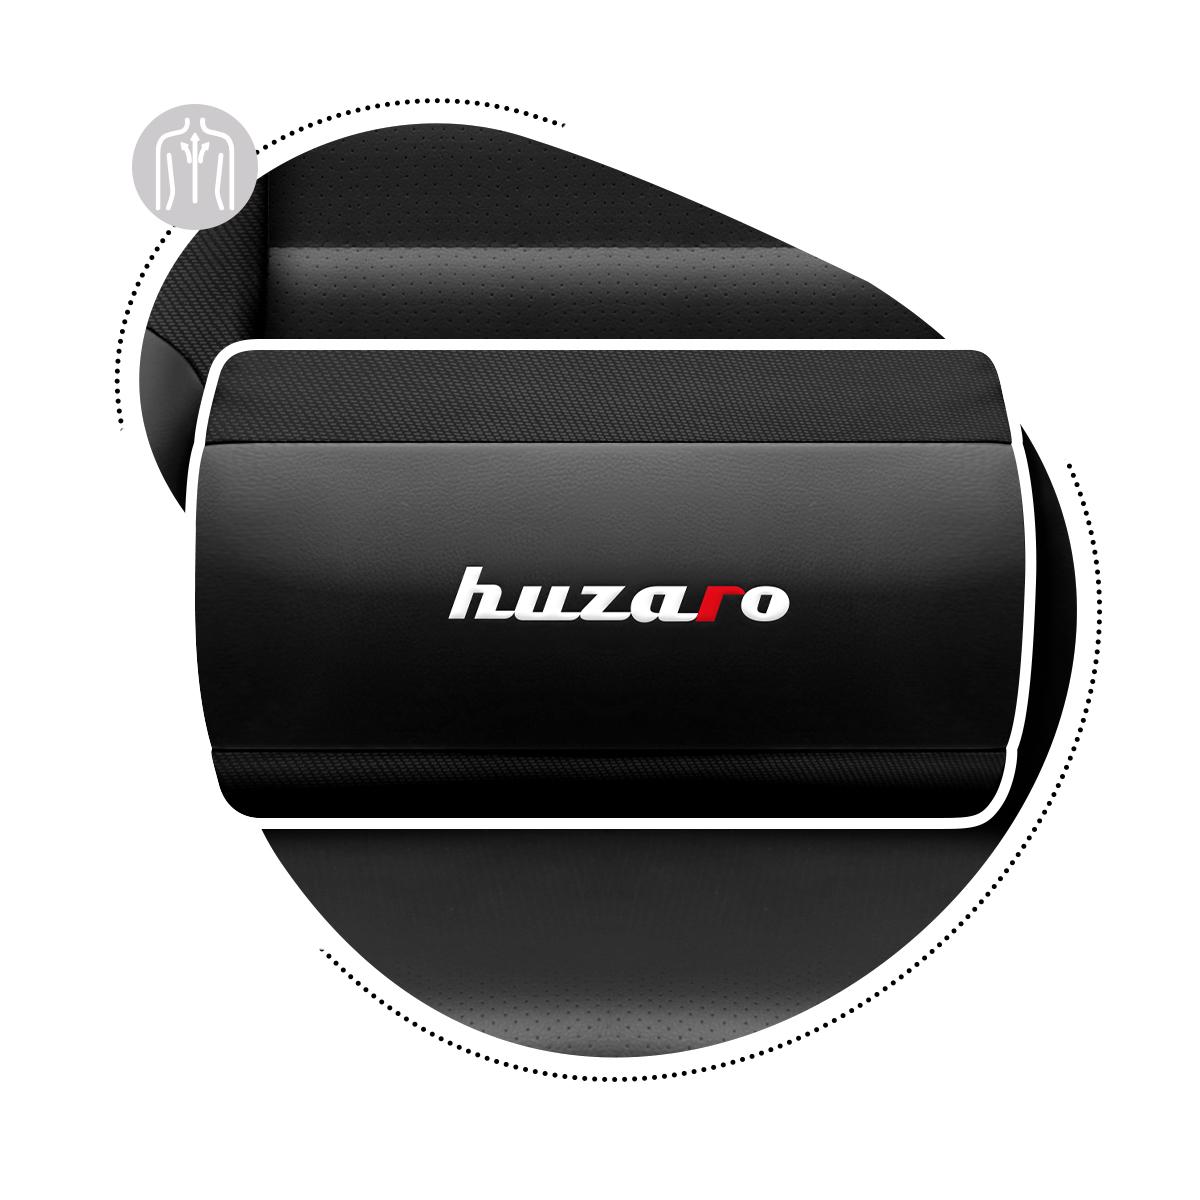 Poduszka lędźwiowa do fotela Huzaro Ranger 6.0 Black